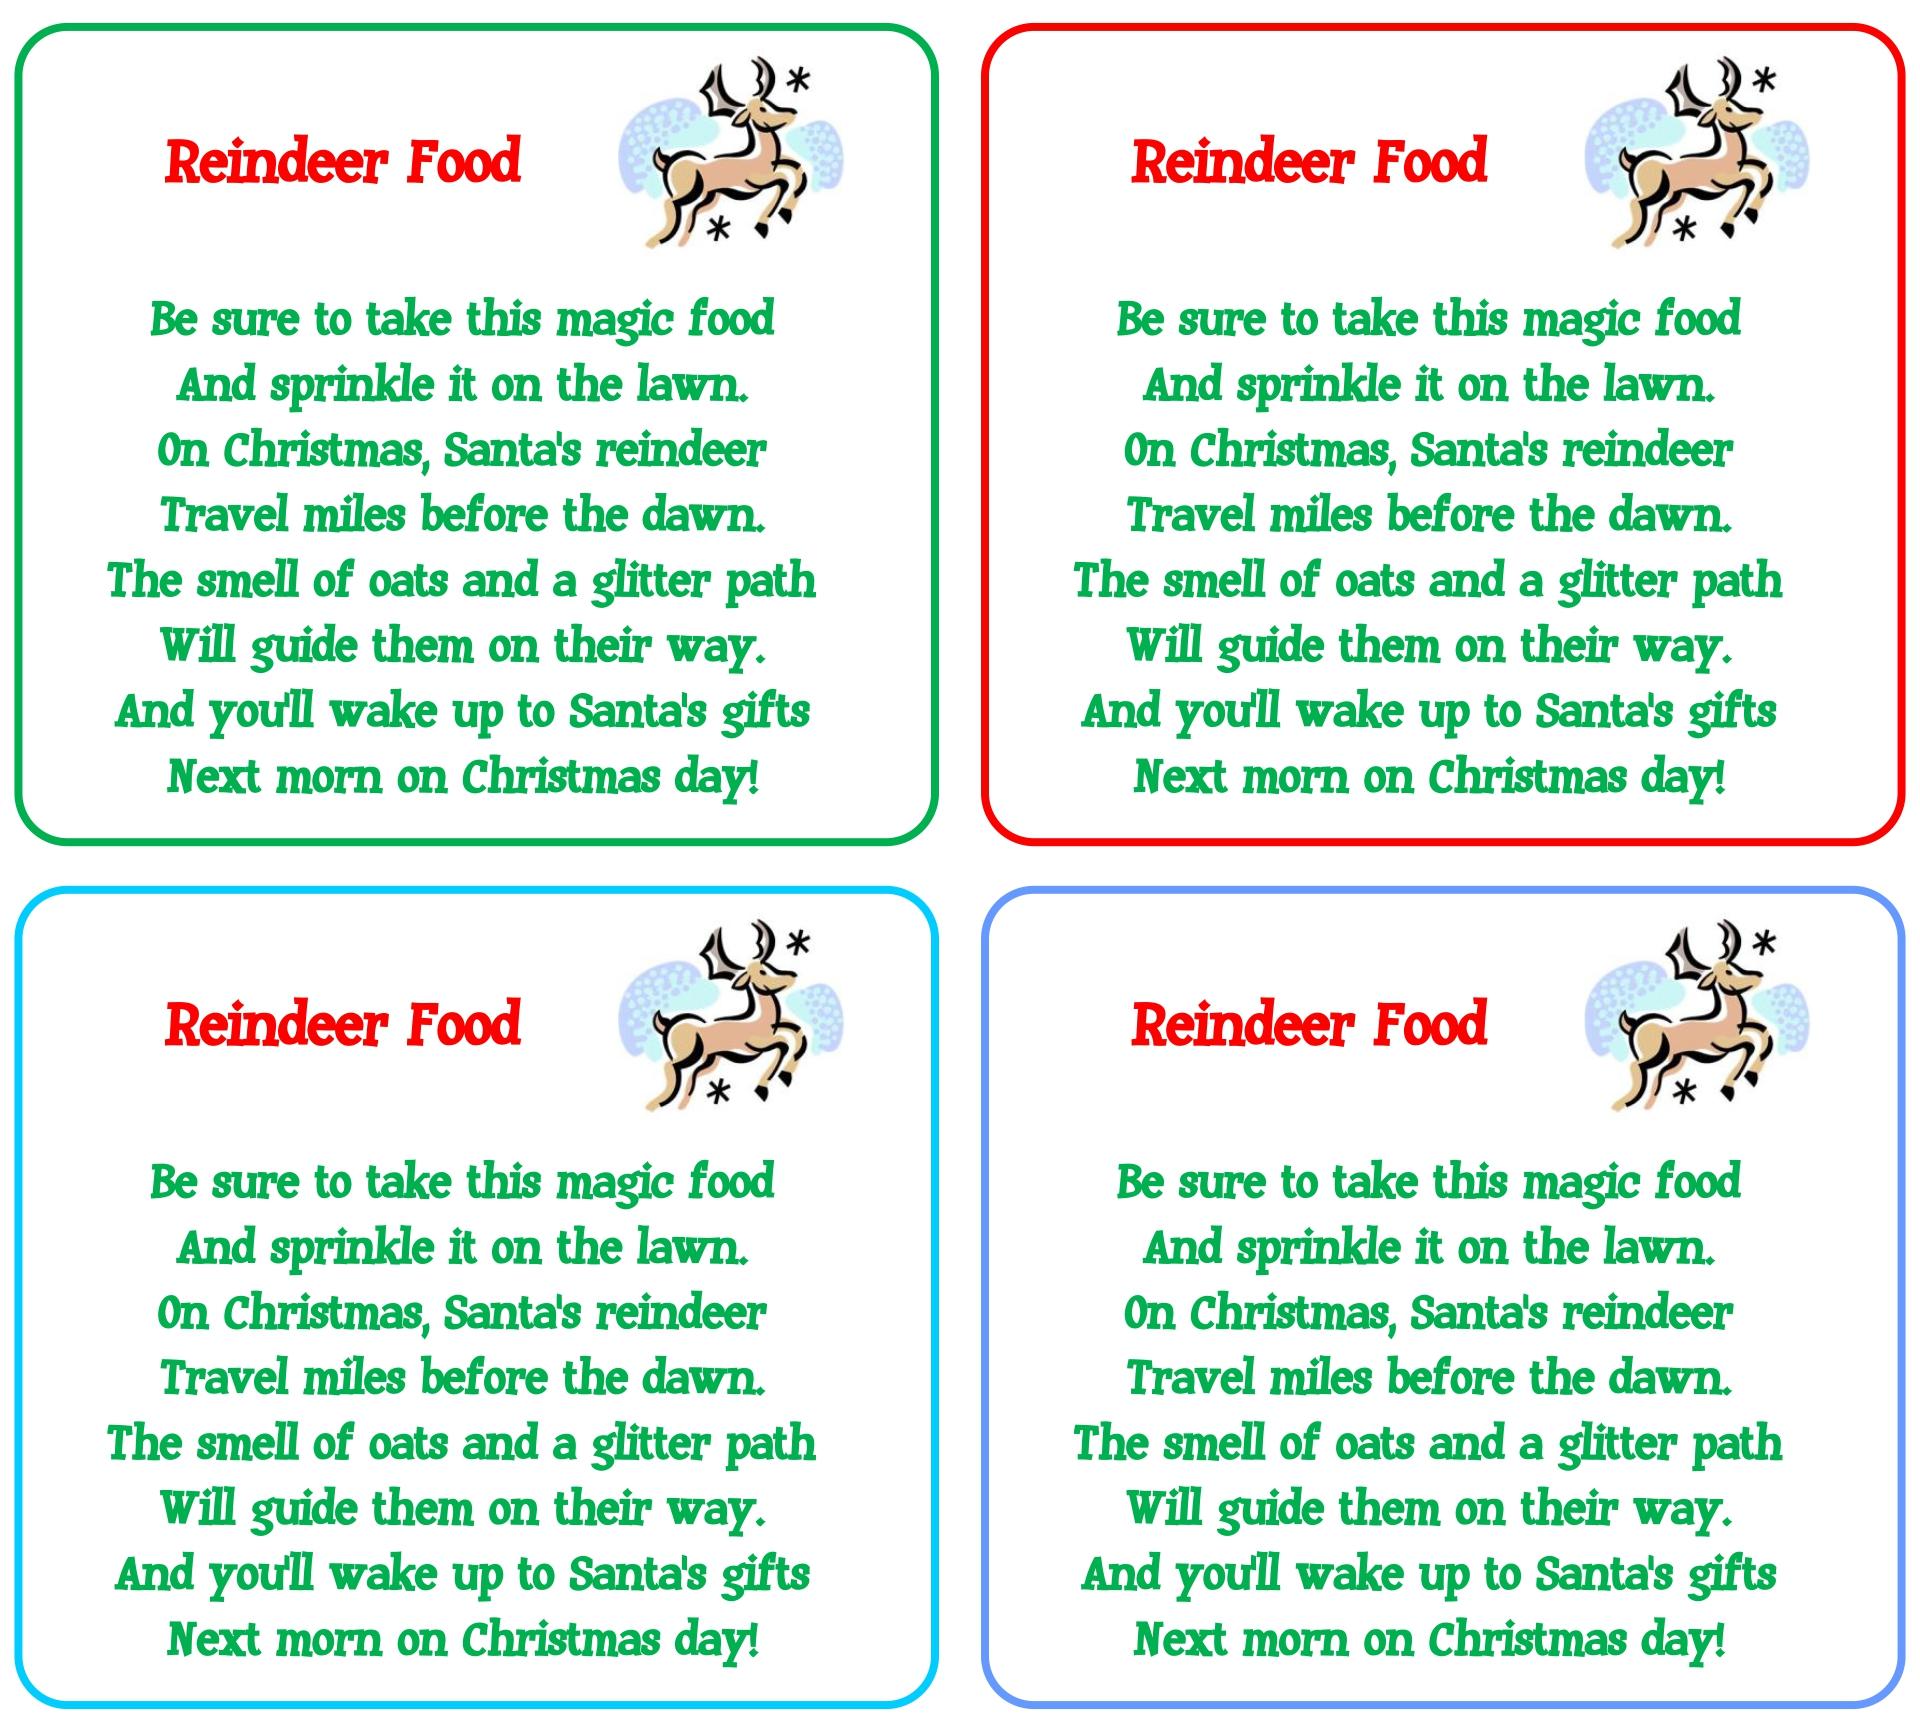 5 Images of Reindeer Food Poem Printable Labels